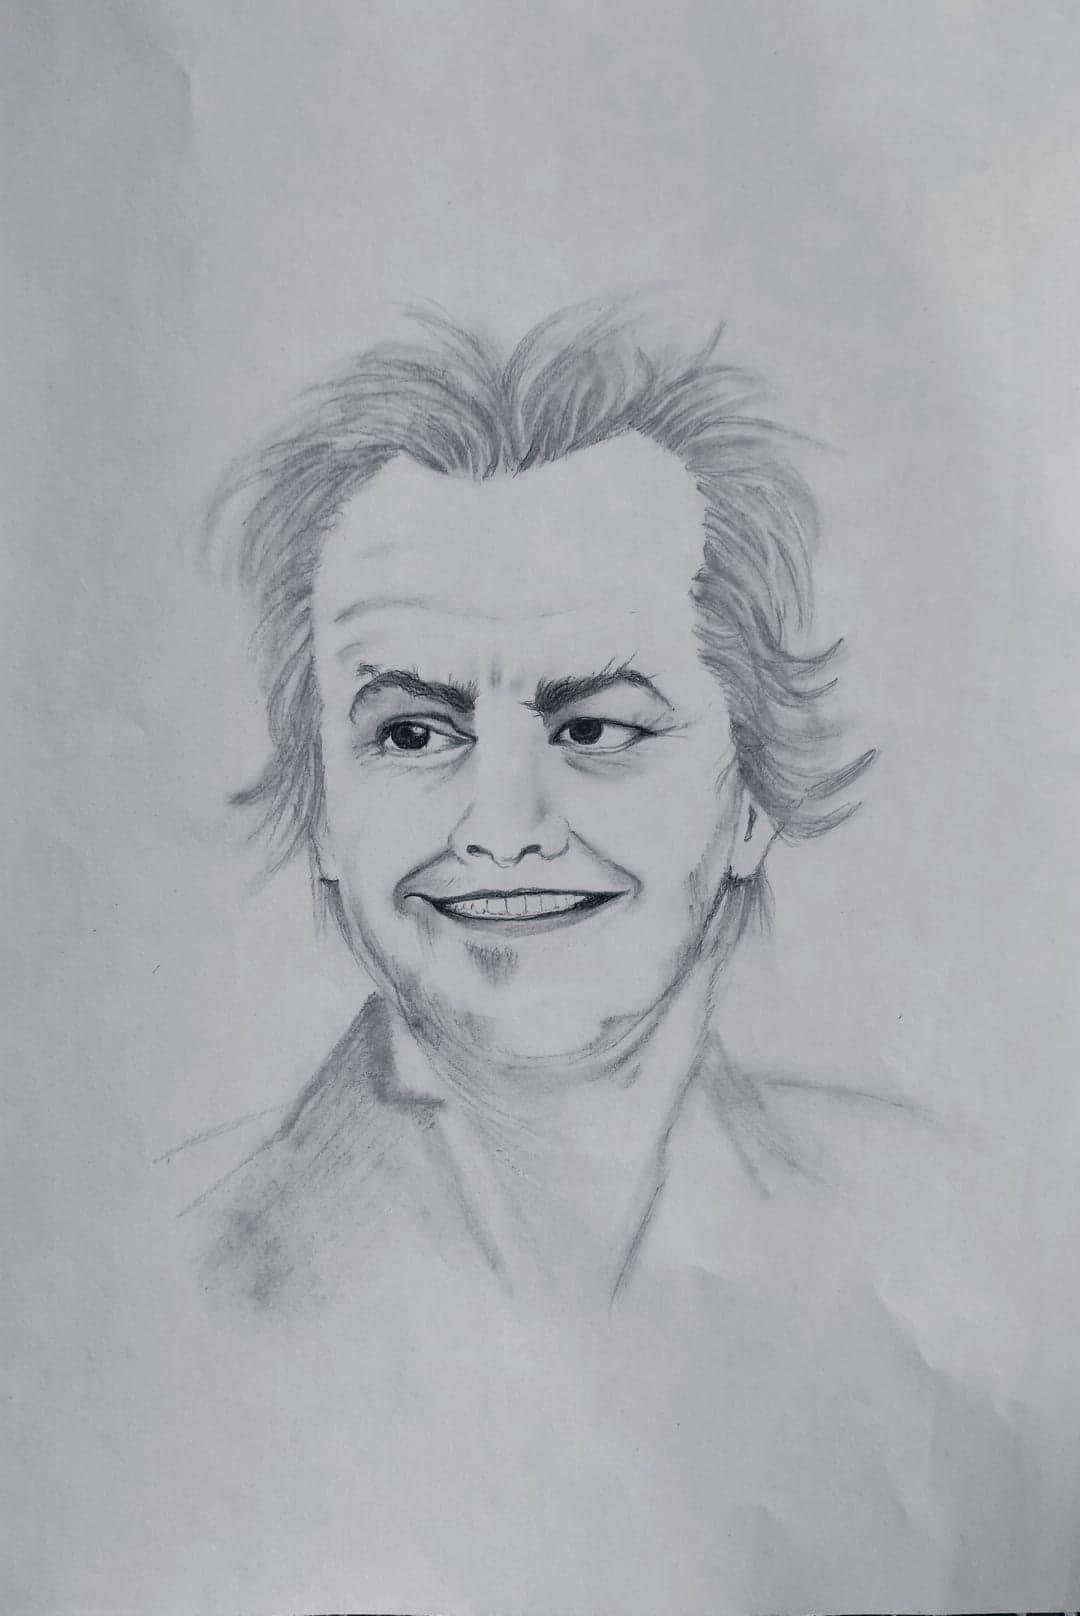 Image #1 from Jitka Pfeiferová